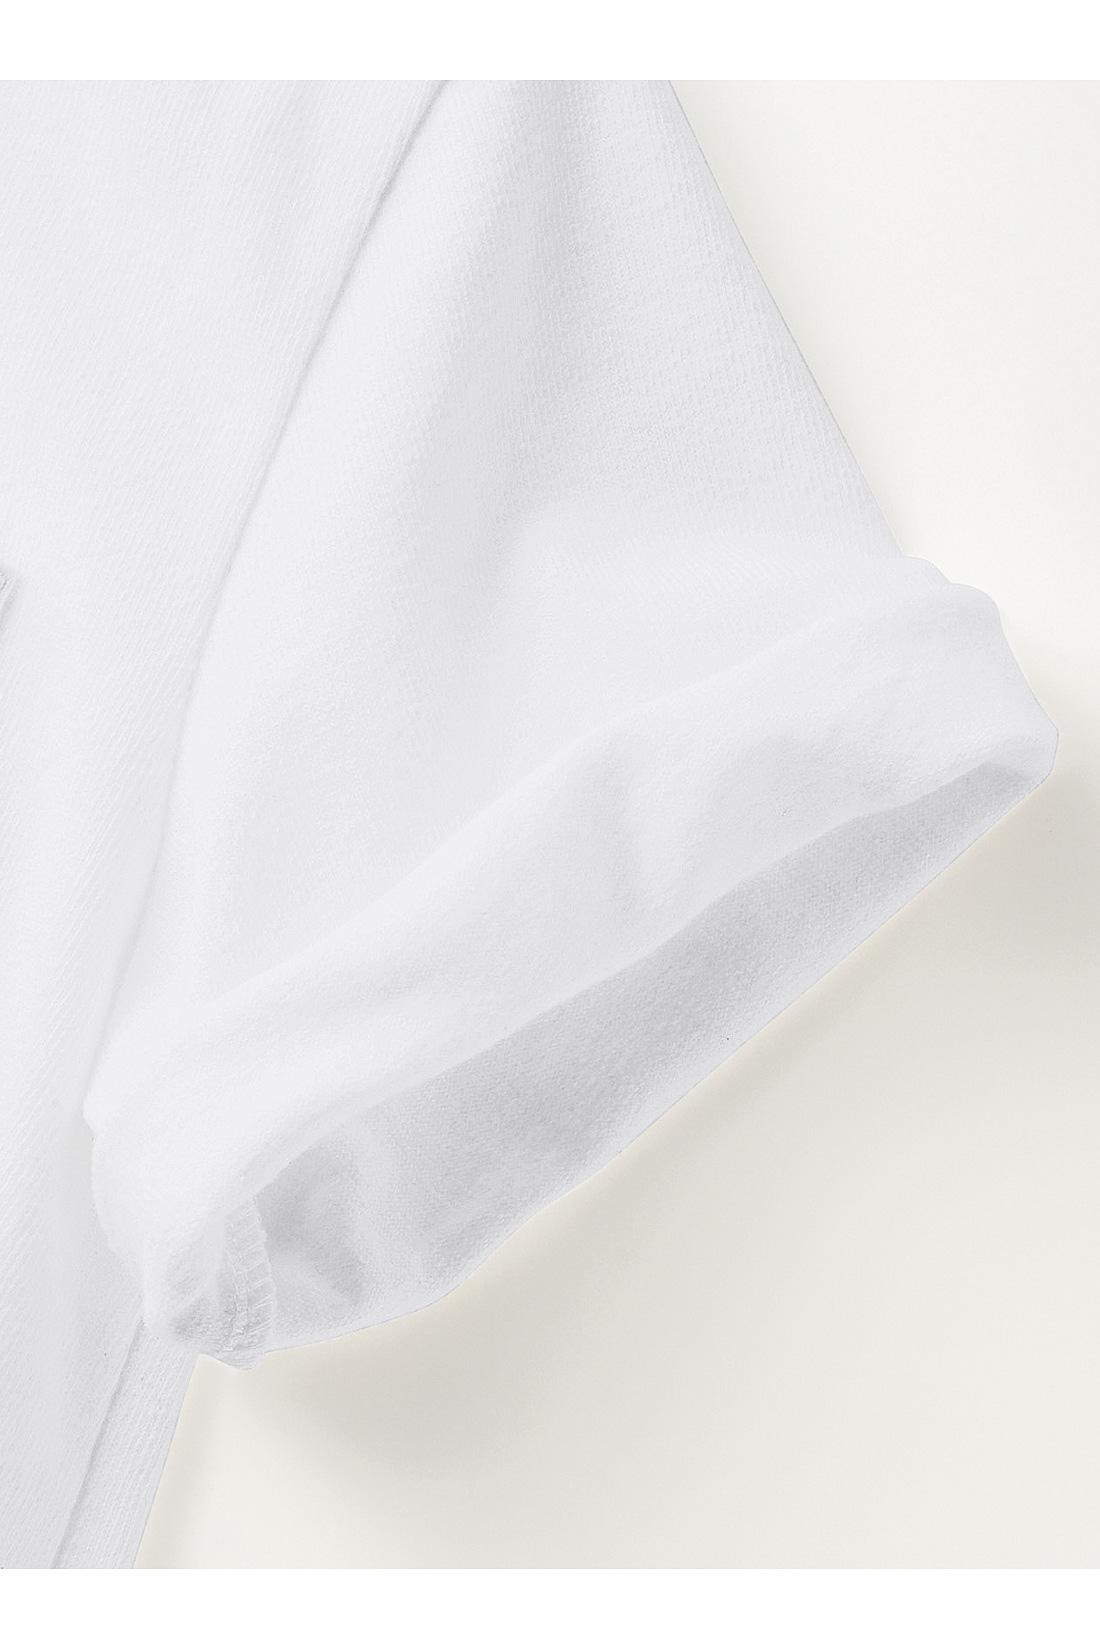 やや長めの半袖はロールアップしても◎。 ※お届けするカラーとは異なります。